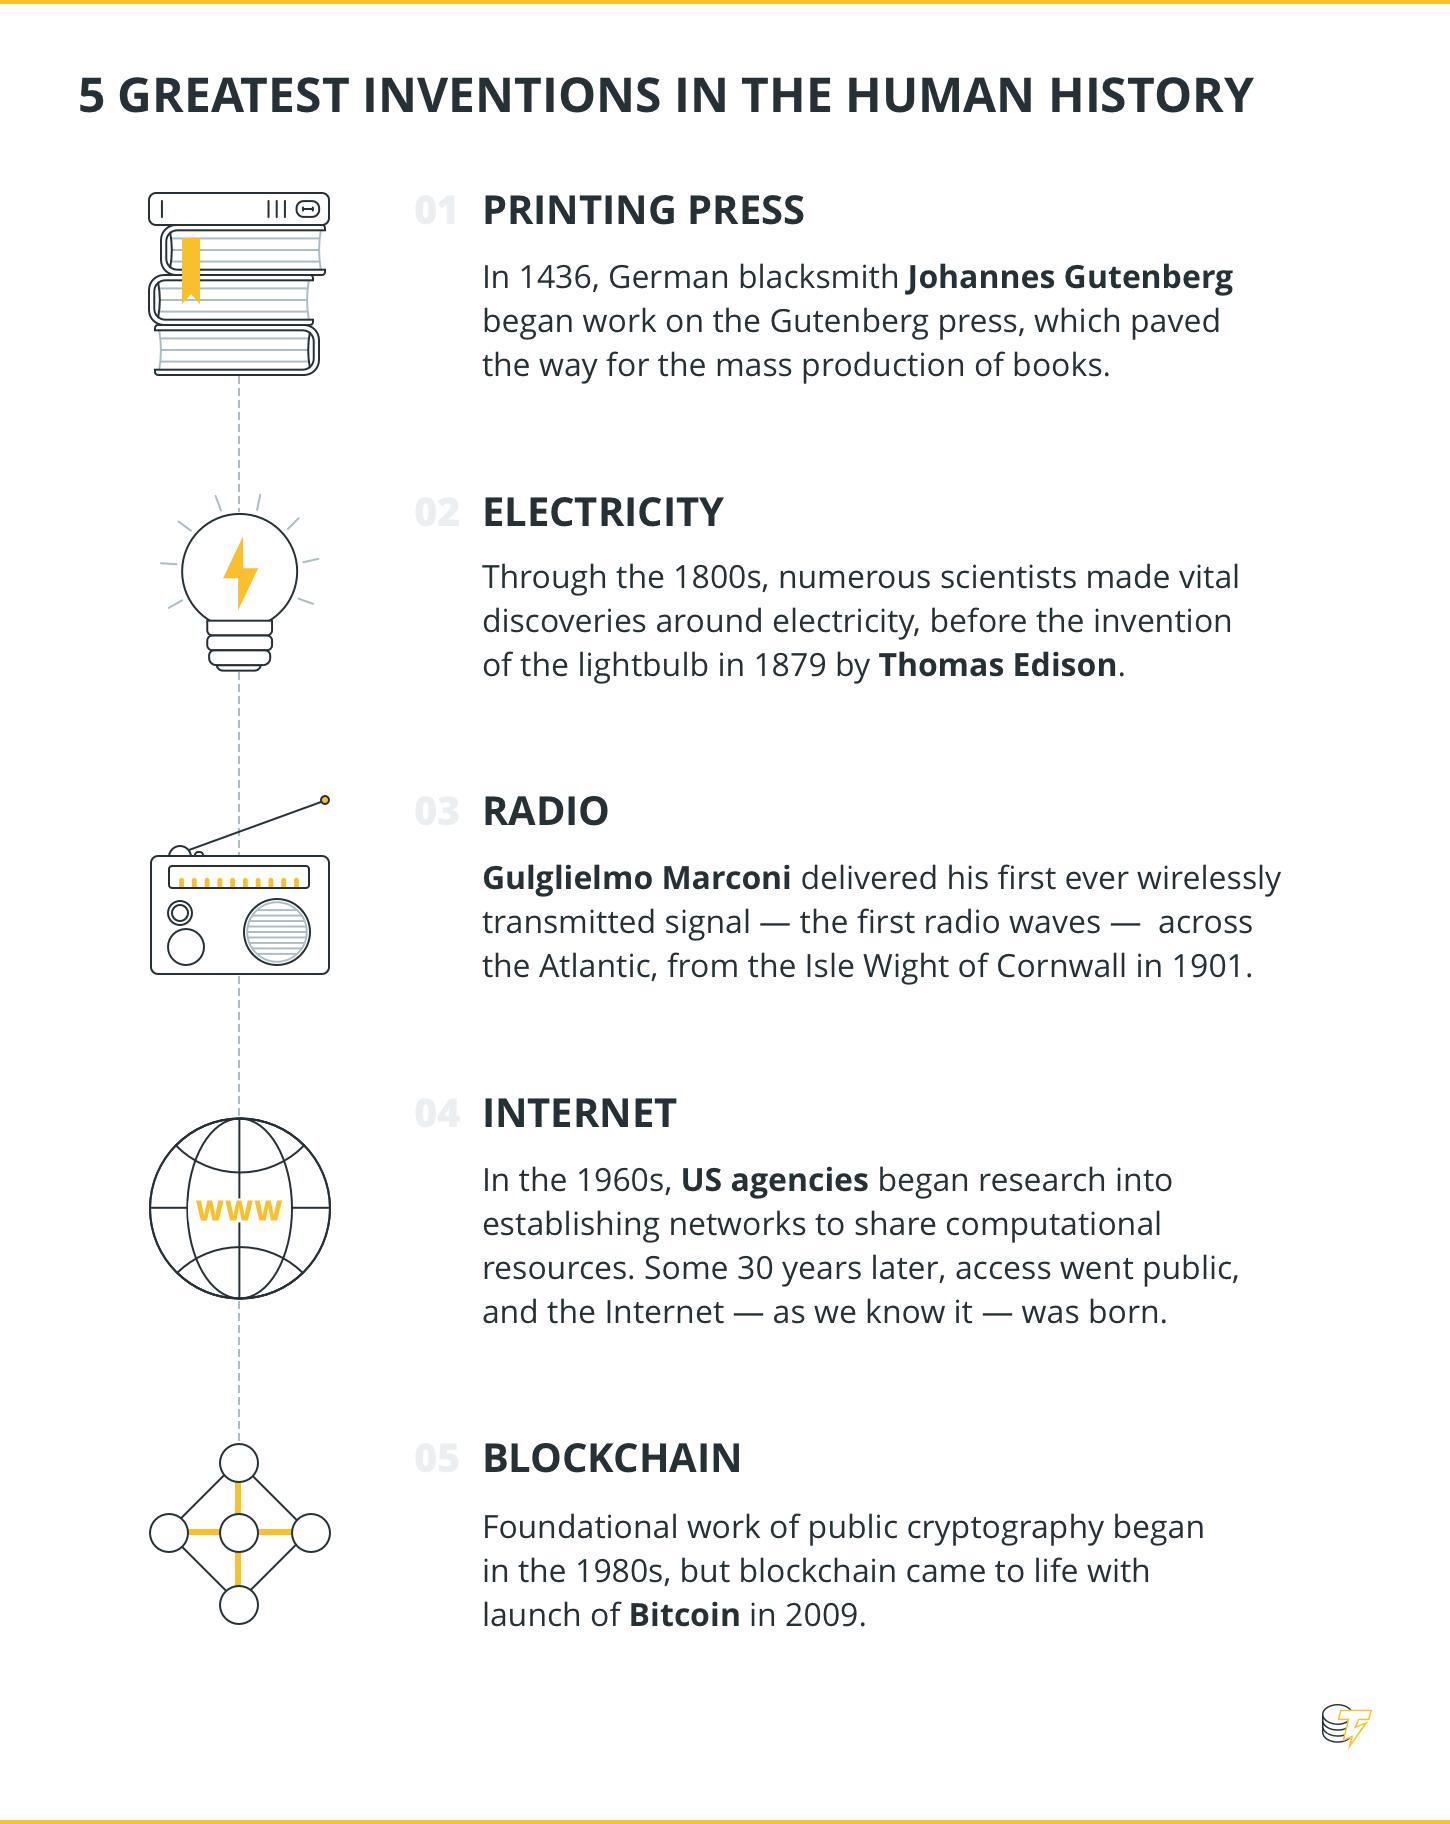 加密貨幣+區塊鏈它們將成為人類歷史上最偉大的發明